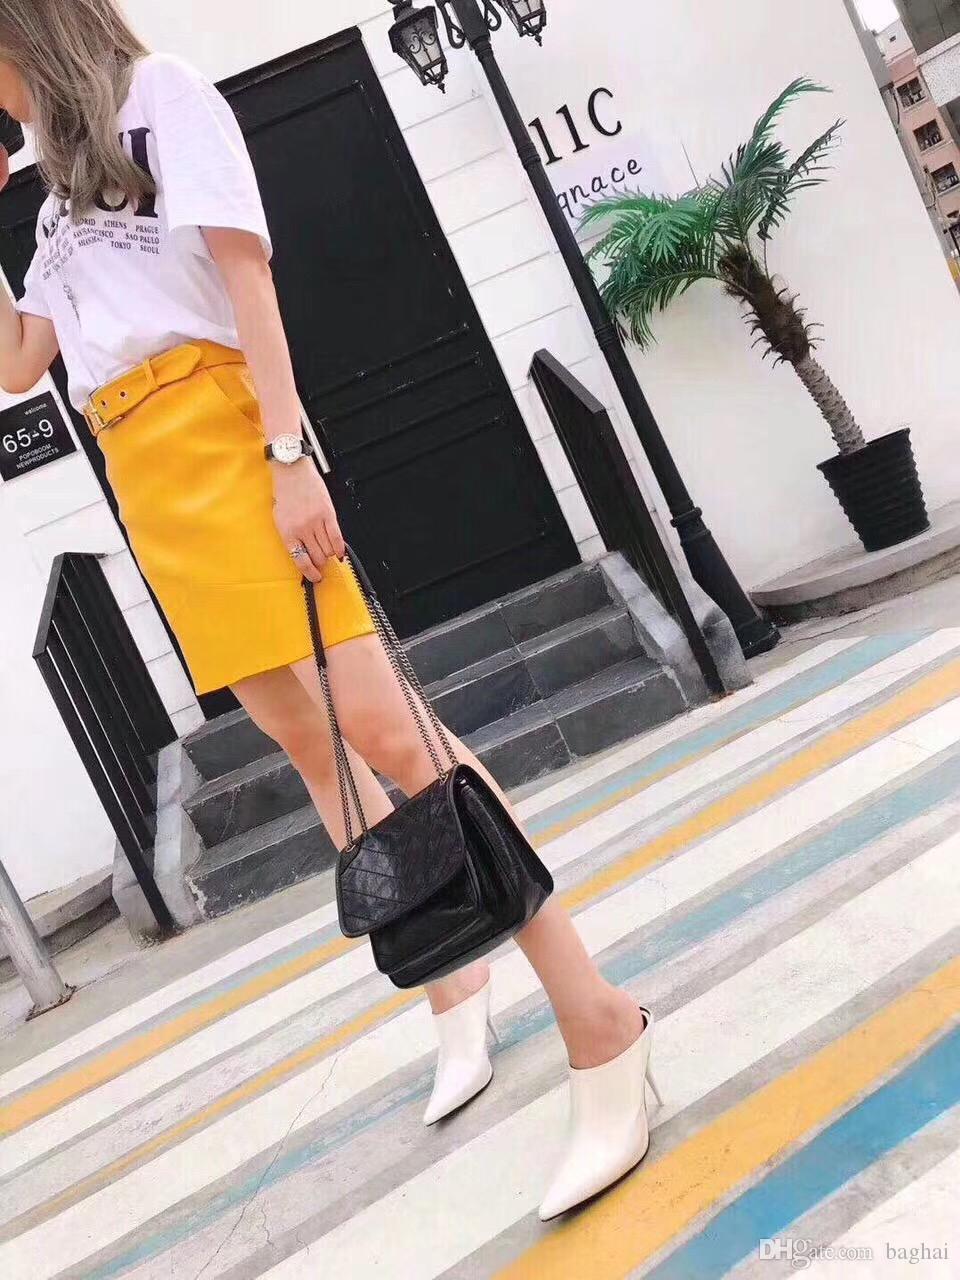 Frente flip 262150 Bag 3AA designer bags 262150-1 couro Luxo ombro inclinado 2018 marca de moda mulheres famosas bolsas crossbody cintura